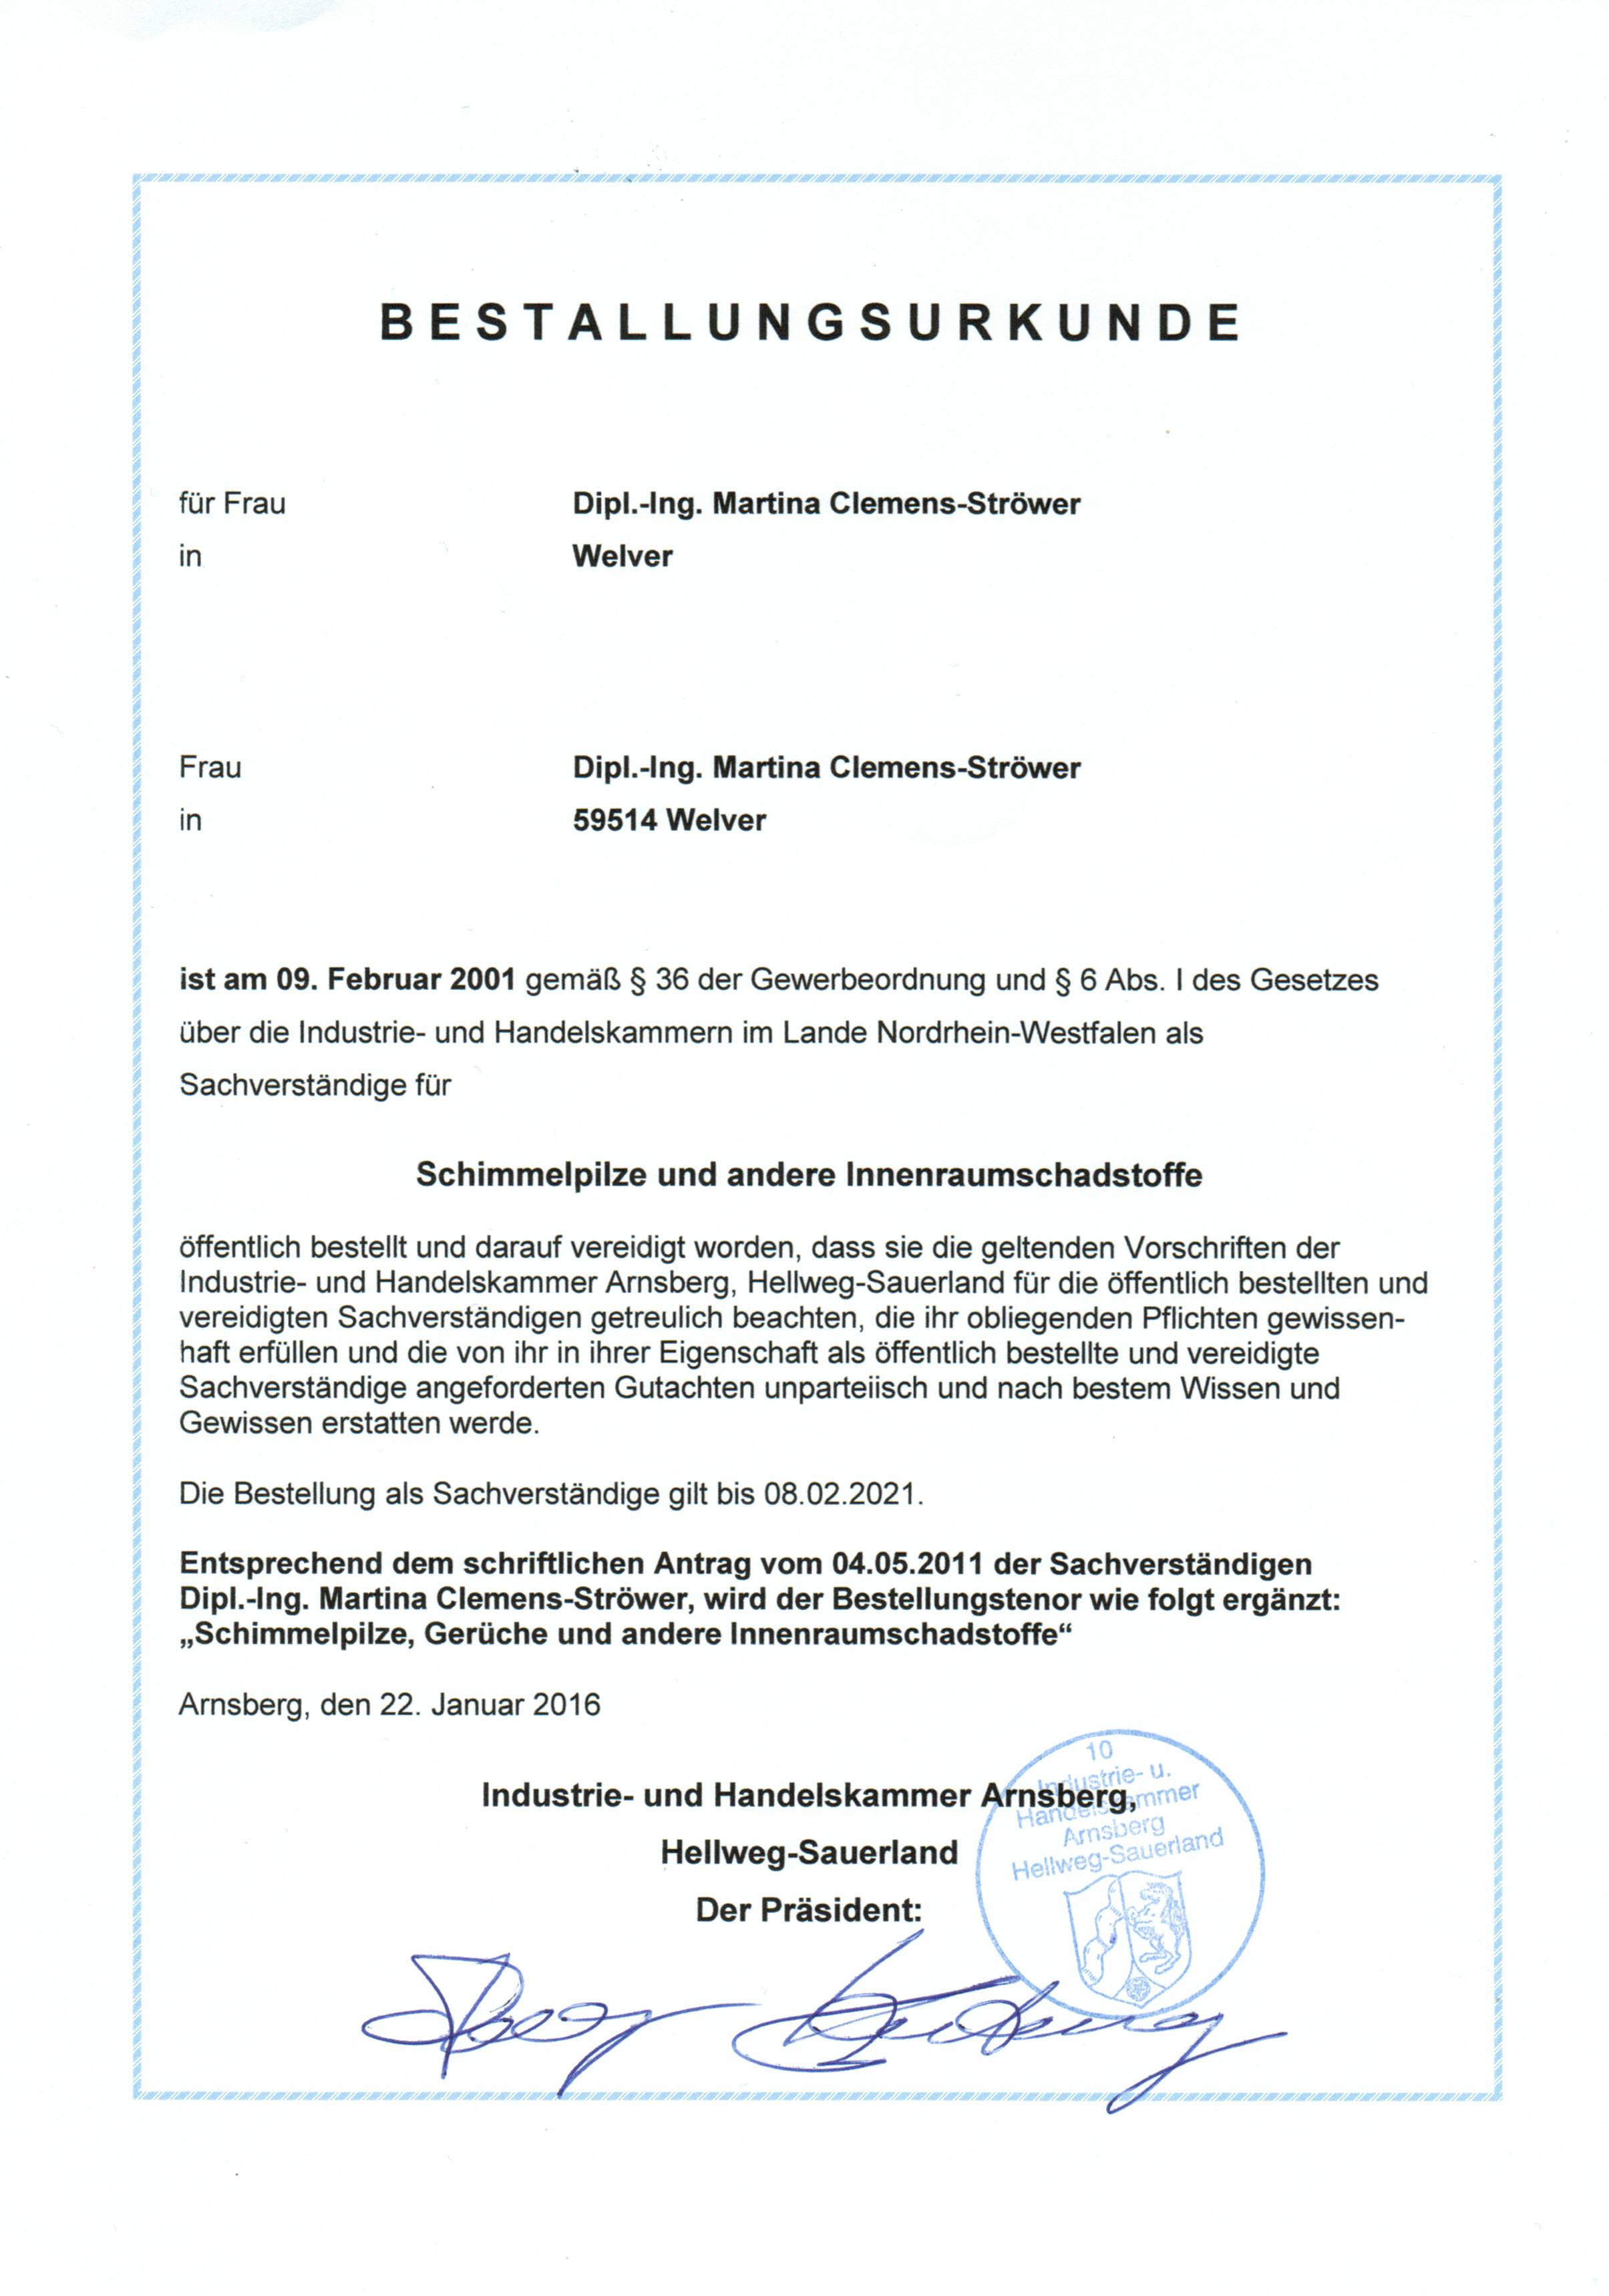 bestallungsurkunde_bis_2021